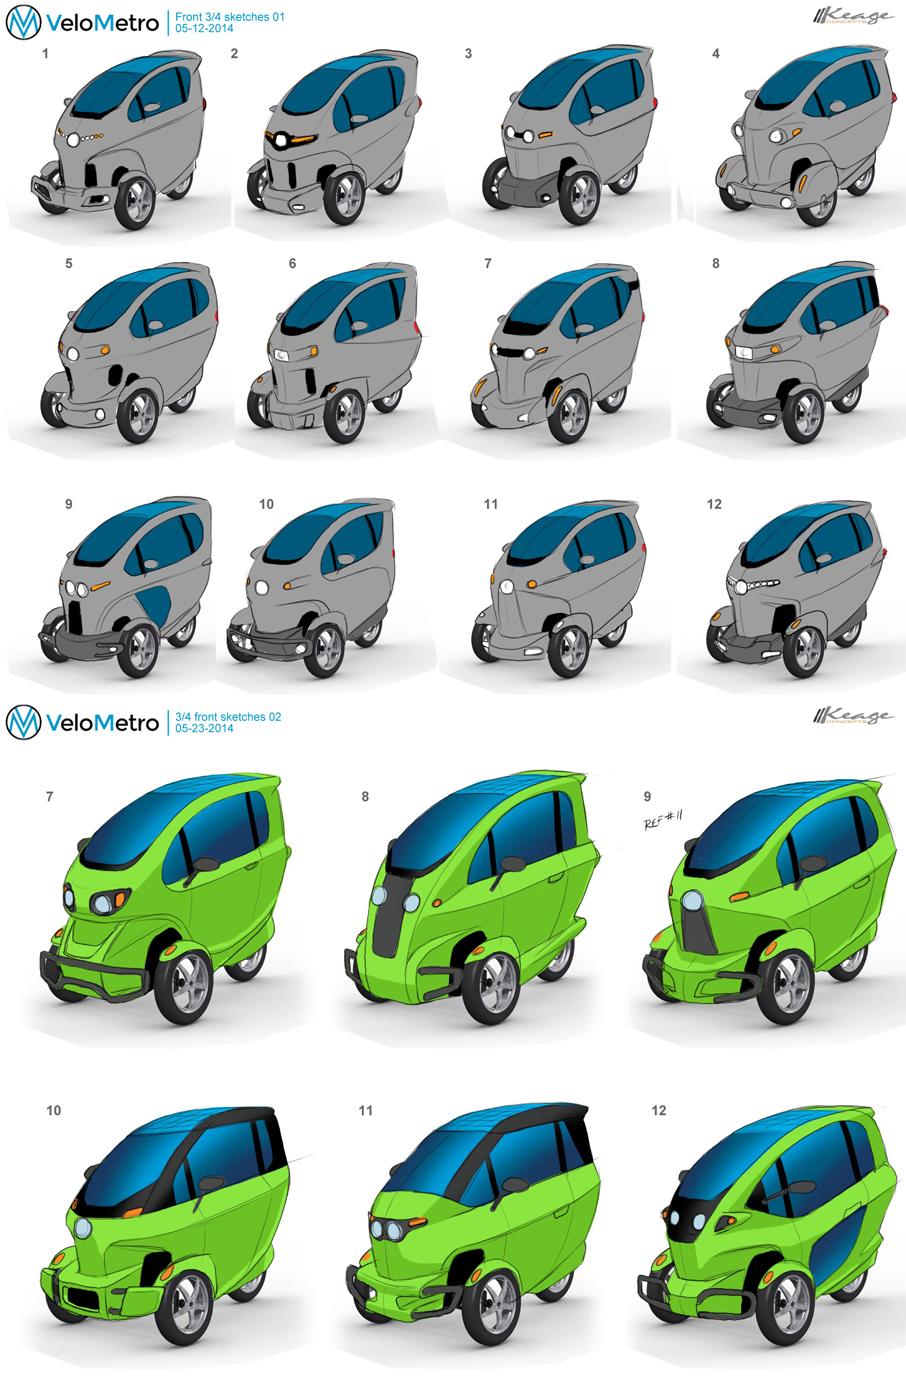 VELOMETRO VEEMOKeage Concepts Calgary Alberta Automotive Design